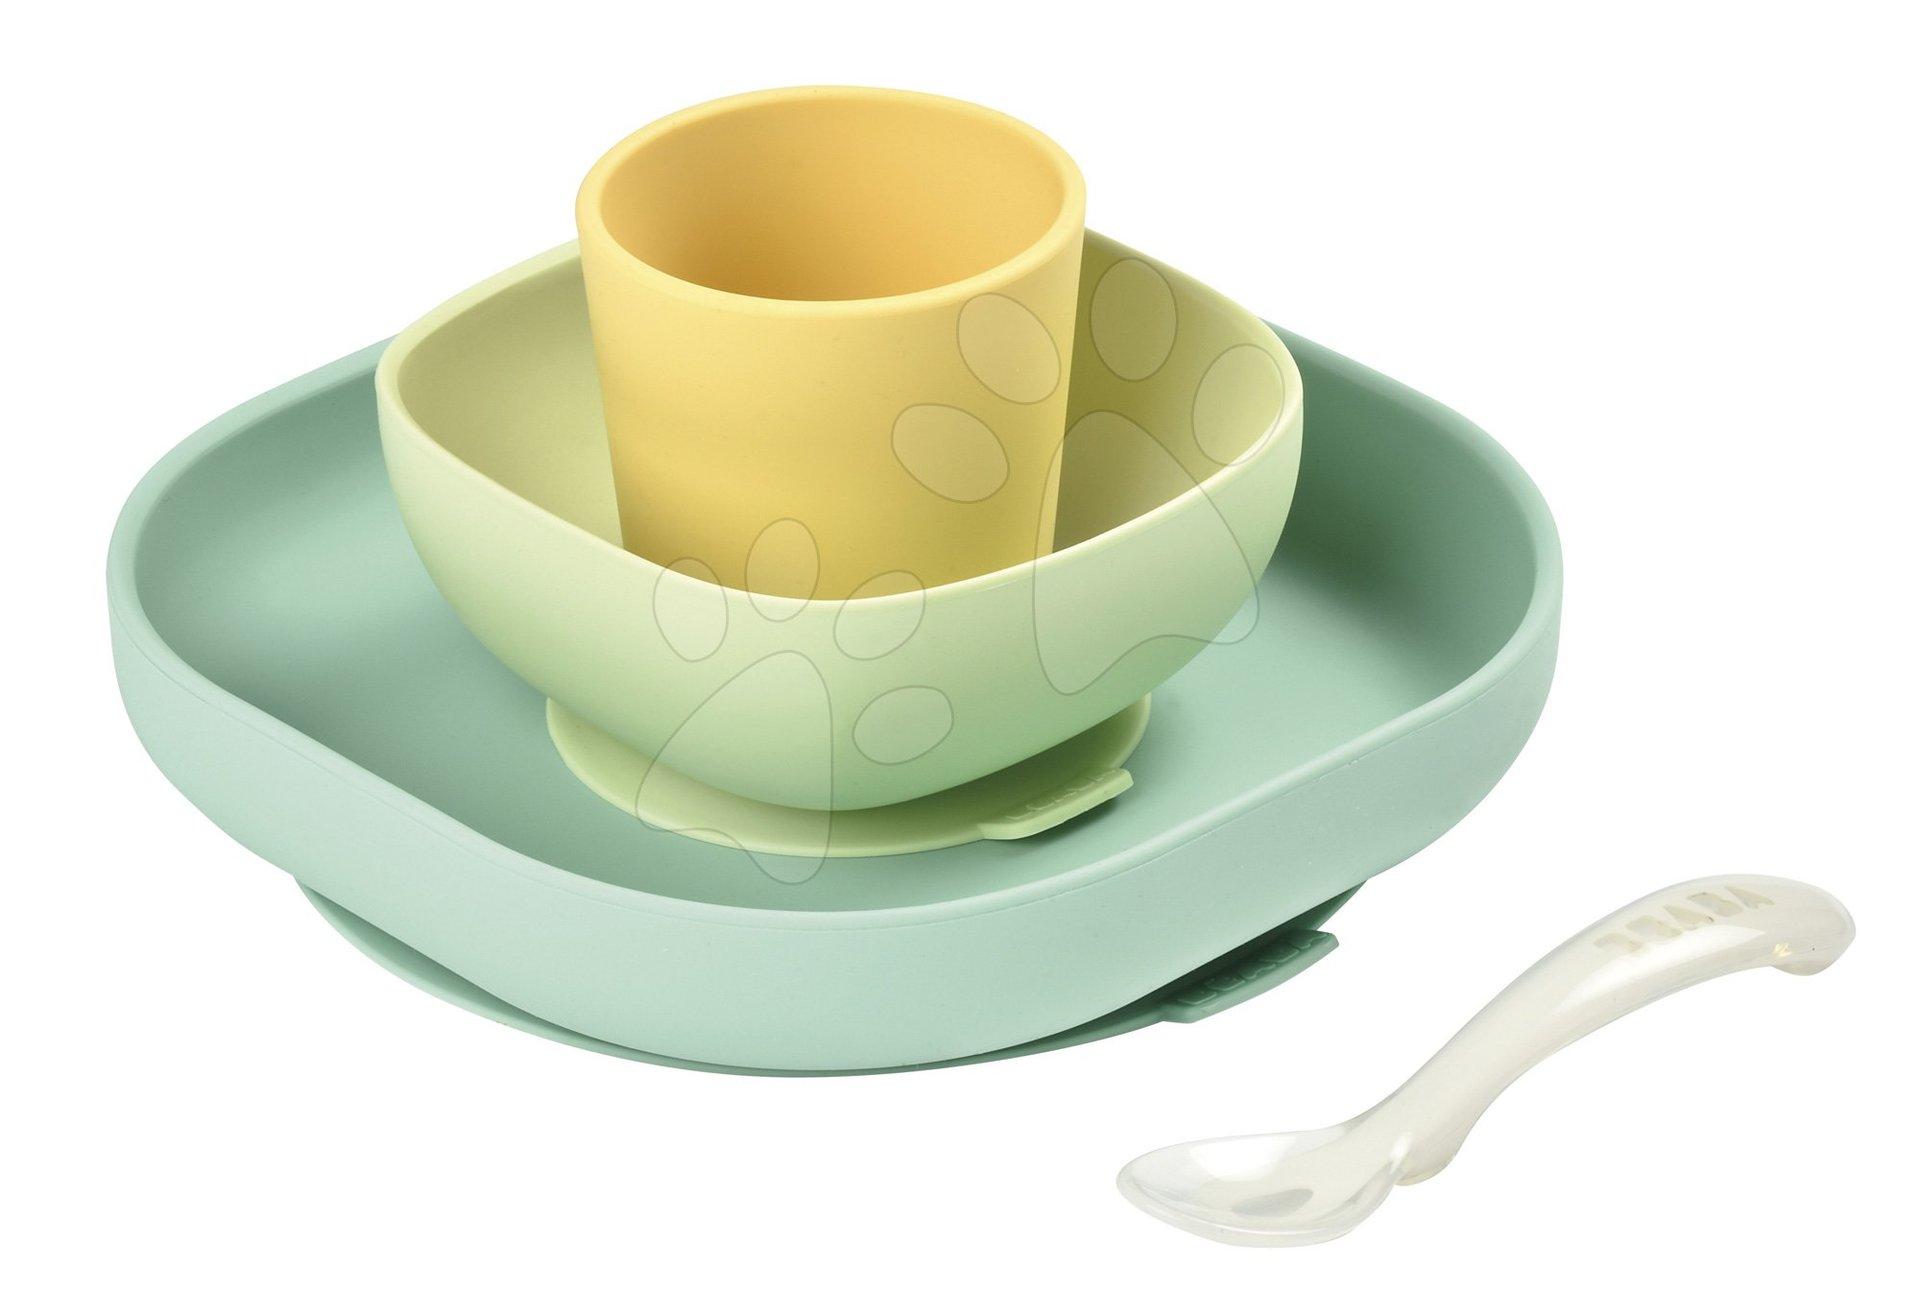 Beaba jedálenská súprava pre bábätká zo silikónu 4-dielna 913436 žltá